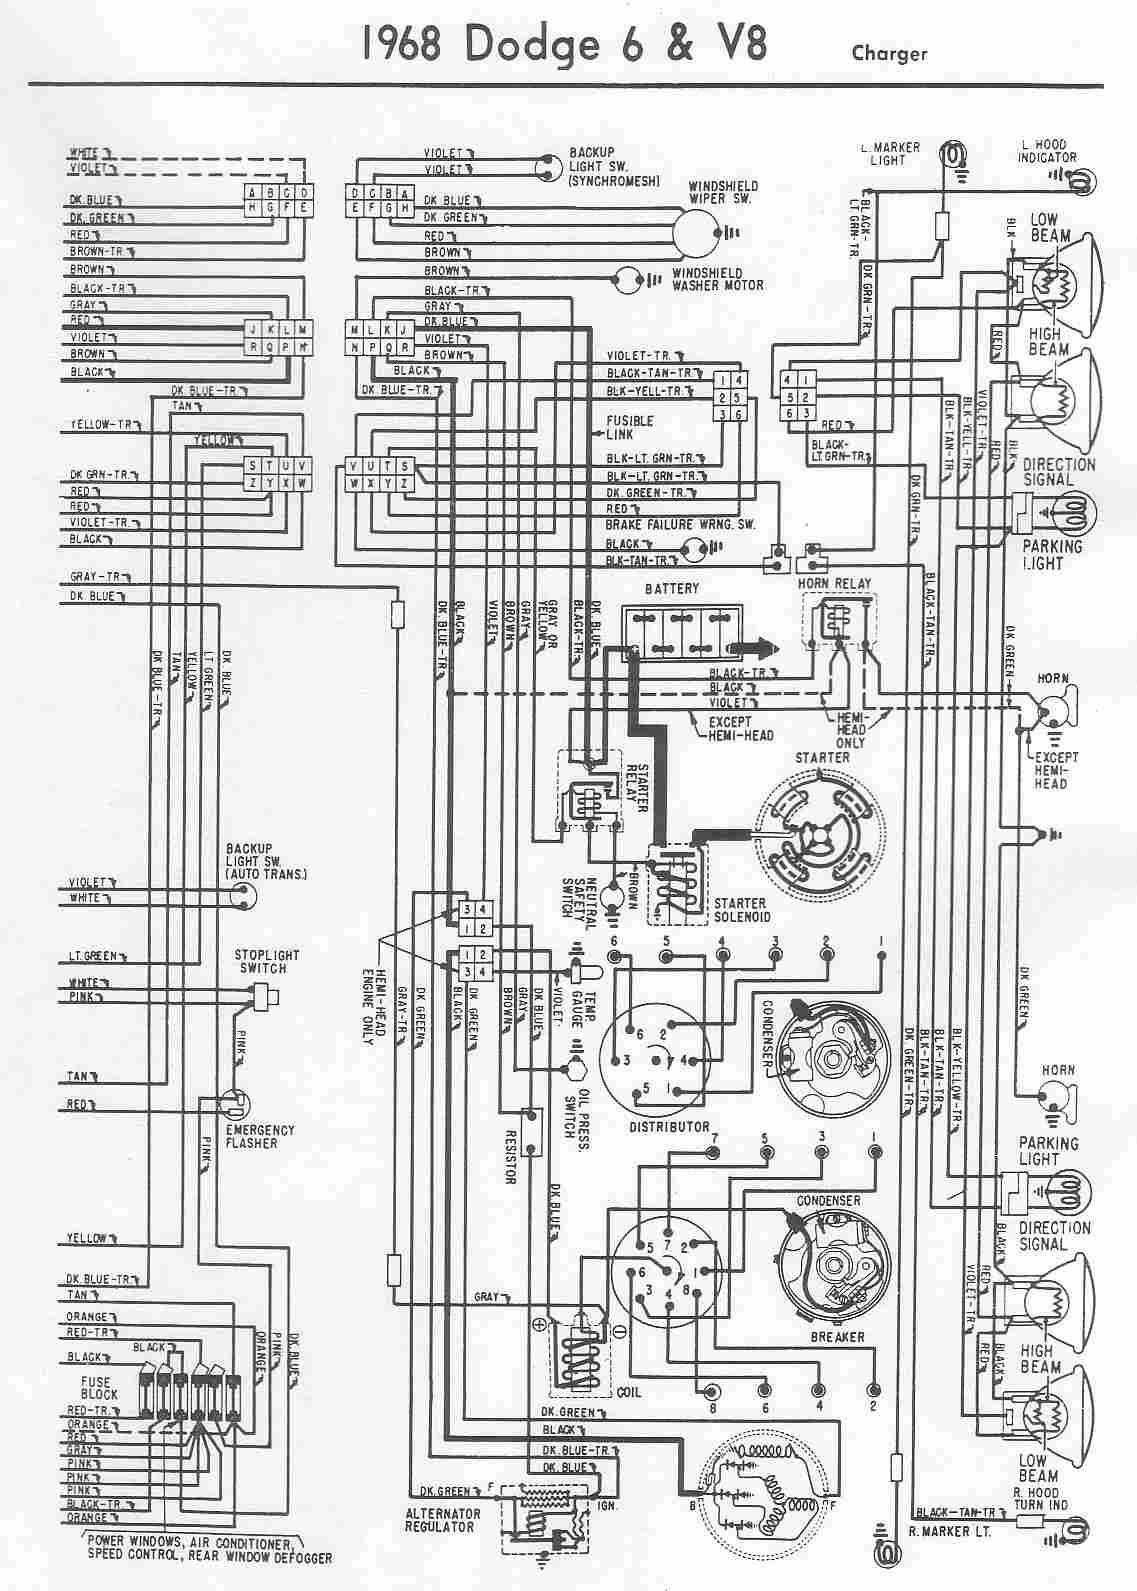 68 C10 Wiring Diagram Free Download Schematic - Wiring Diagram •